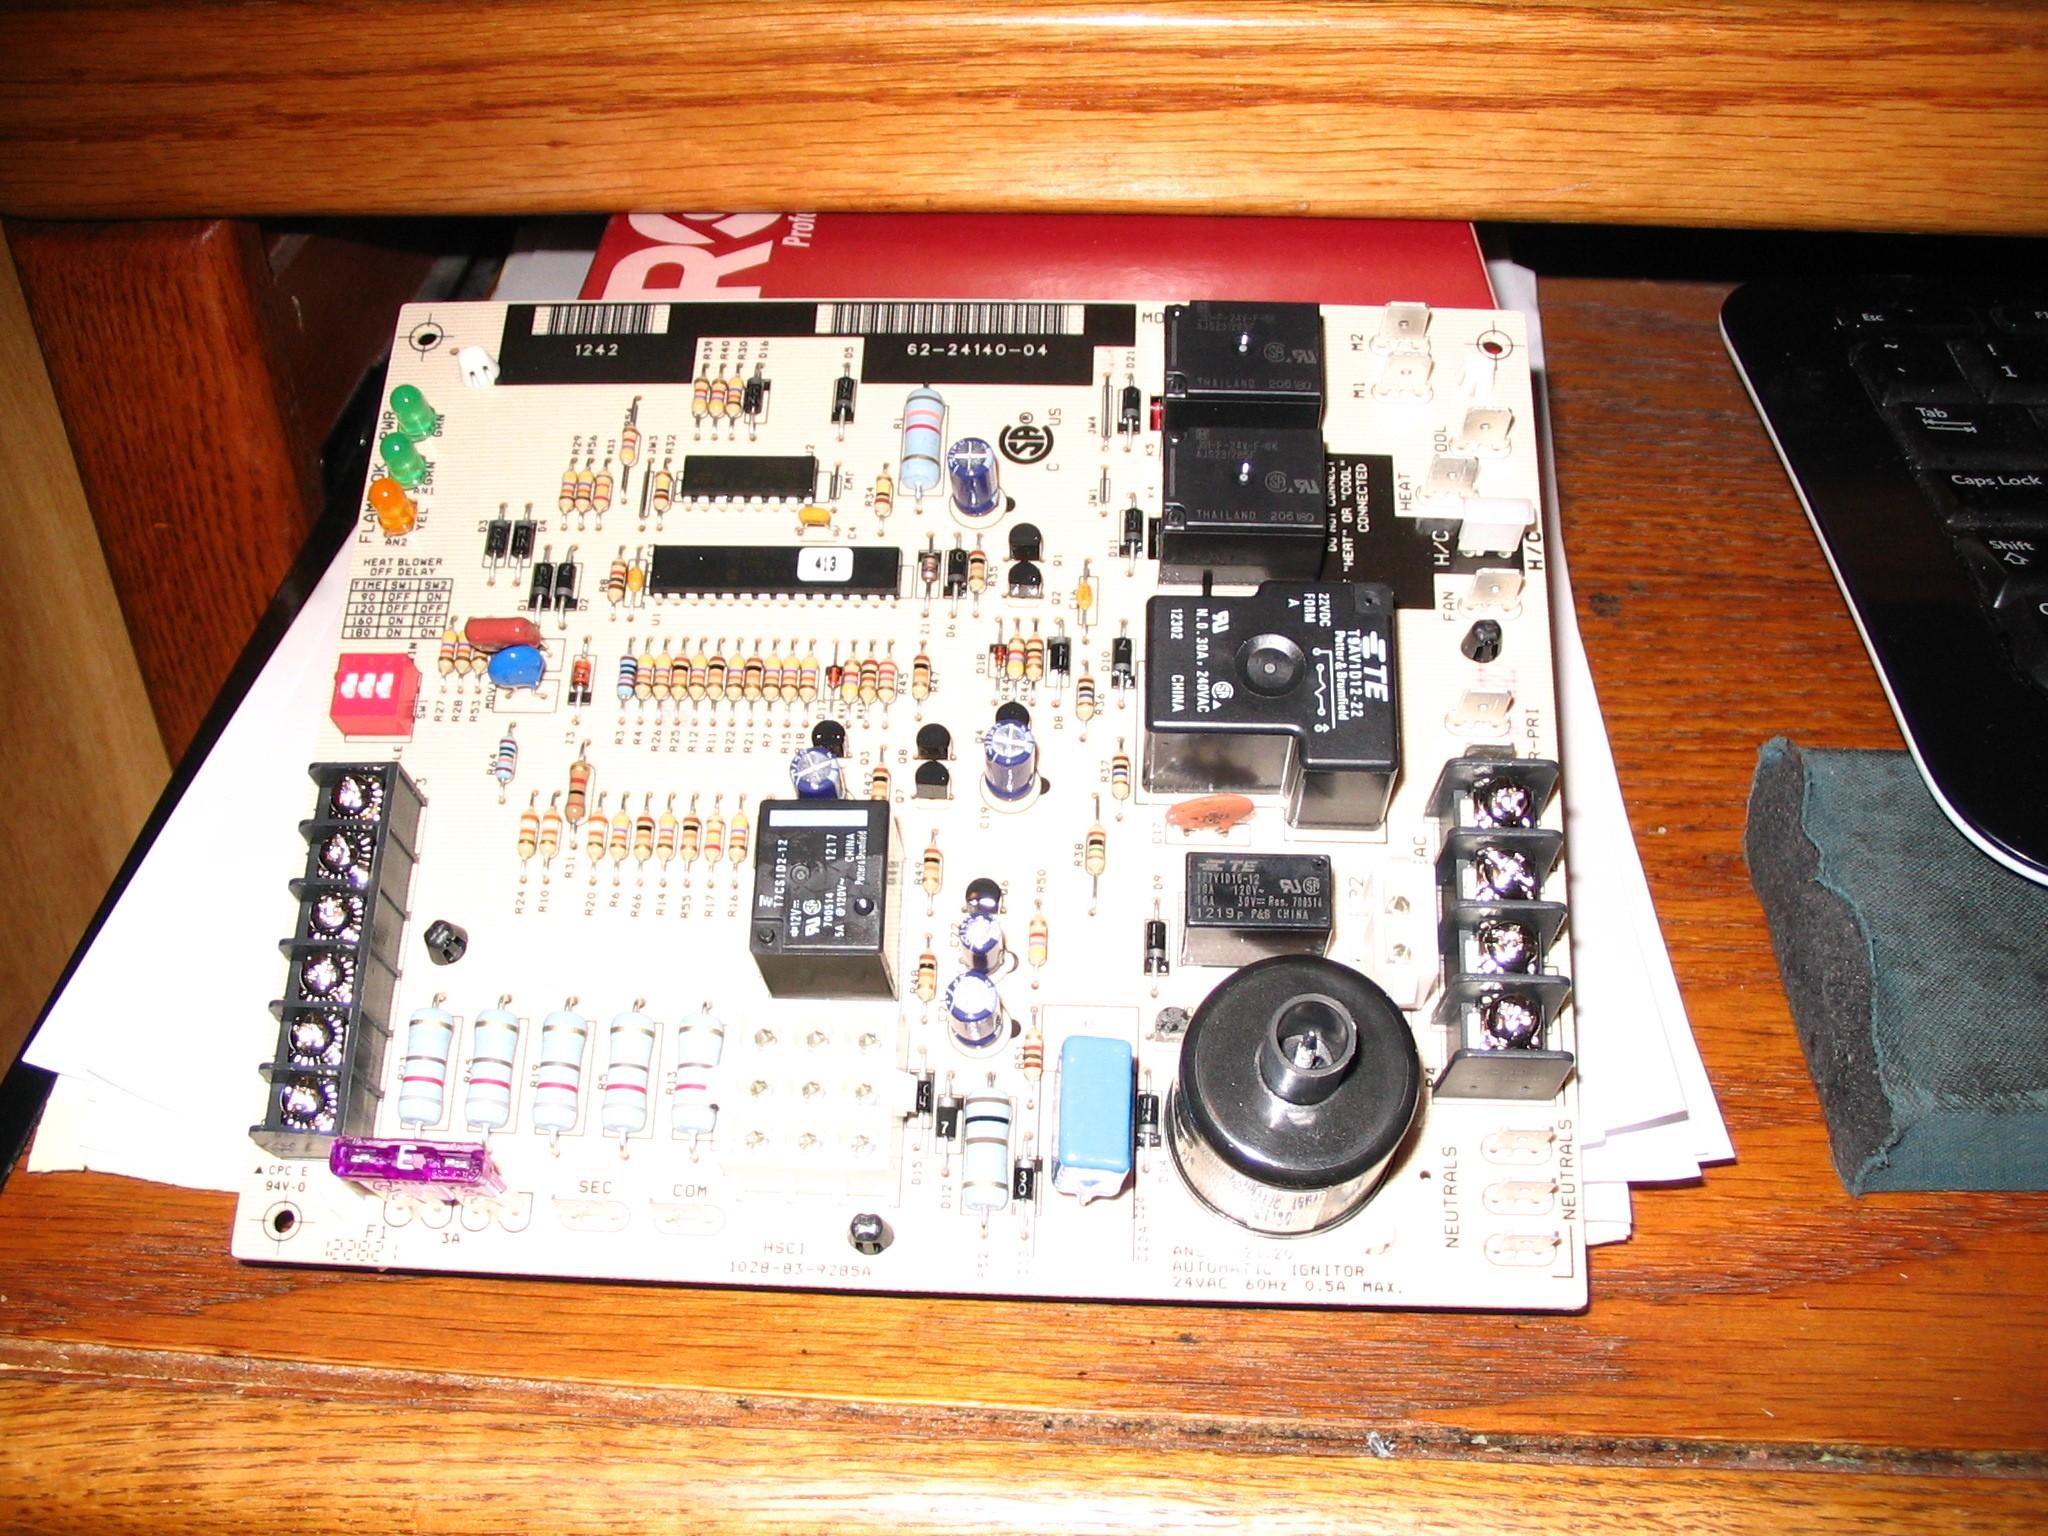 Rheem-Ruud Spark Ignition Circuit Board 62-24140-04